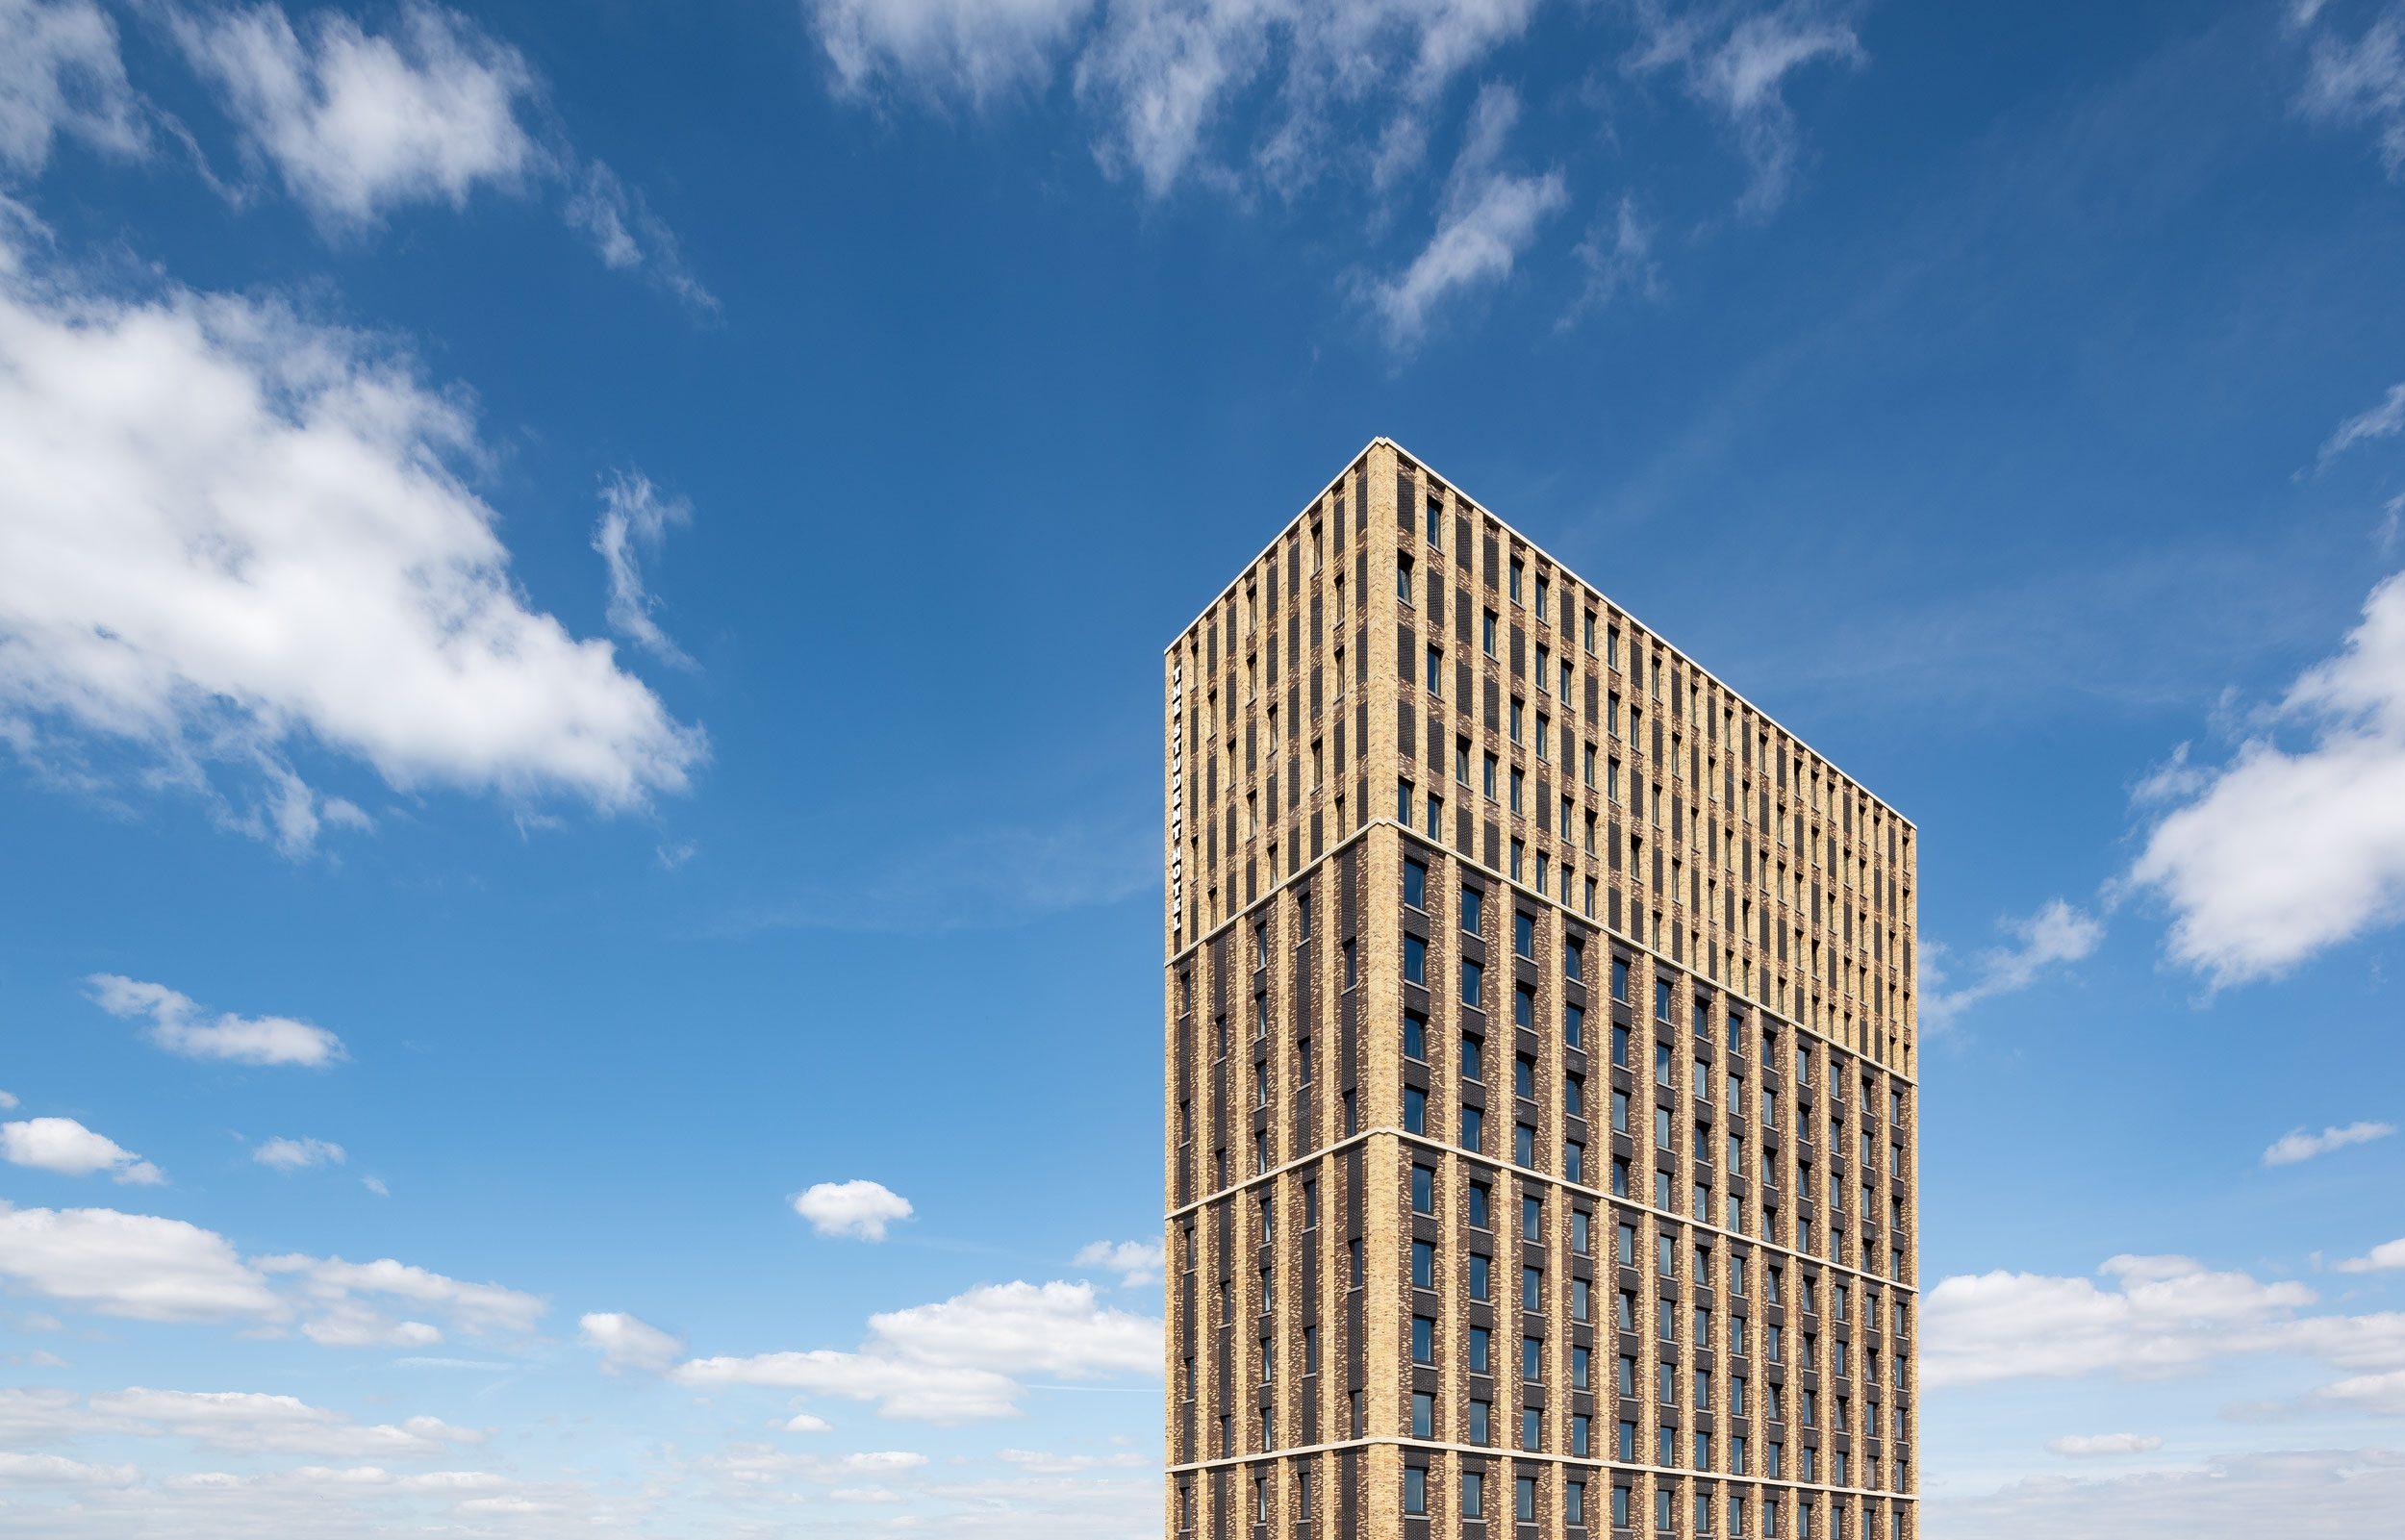 Student Hotel in Eindhoven, architectuurfotografie door Chiel de Nooyer